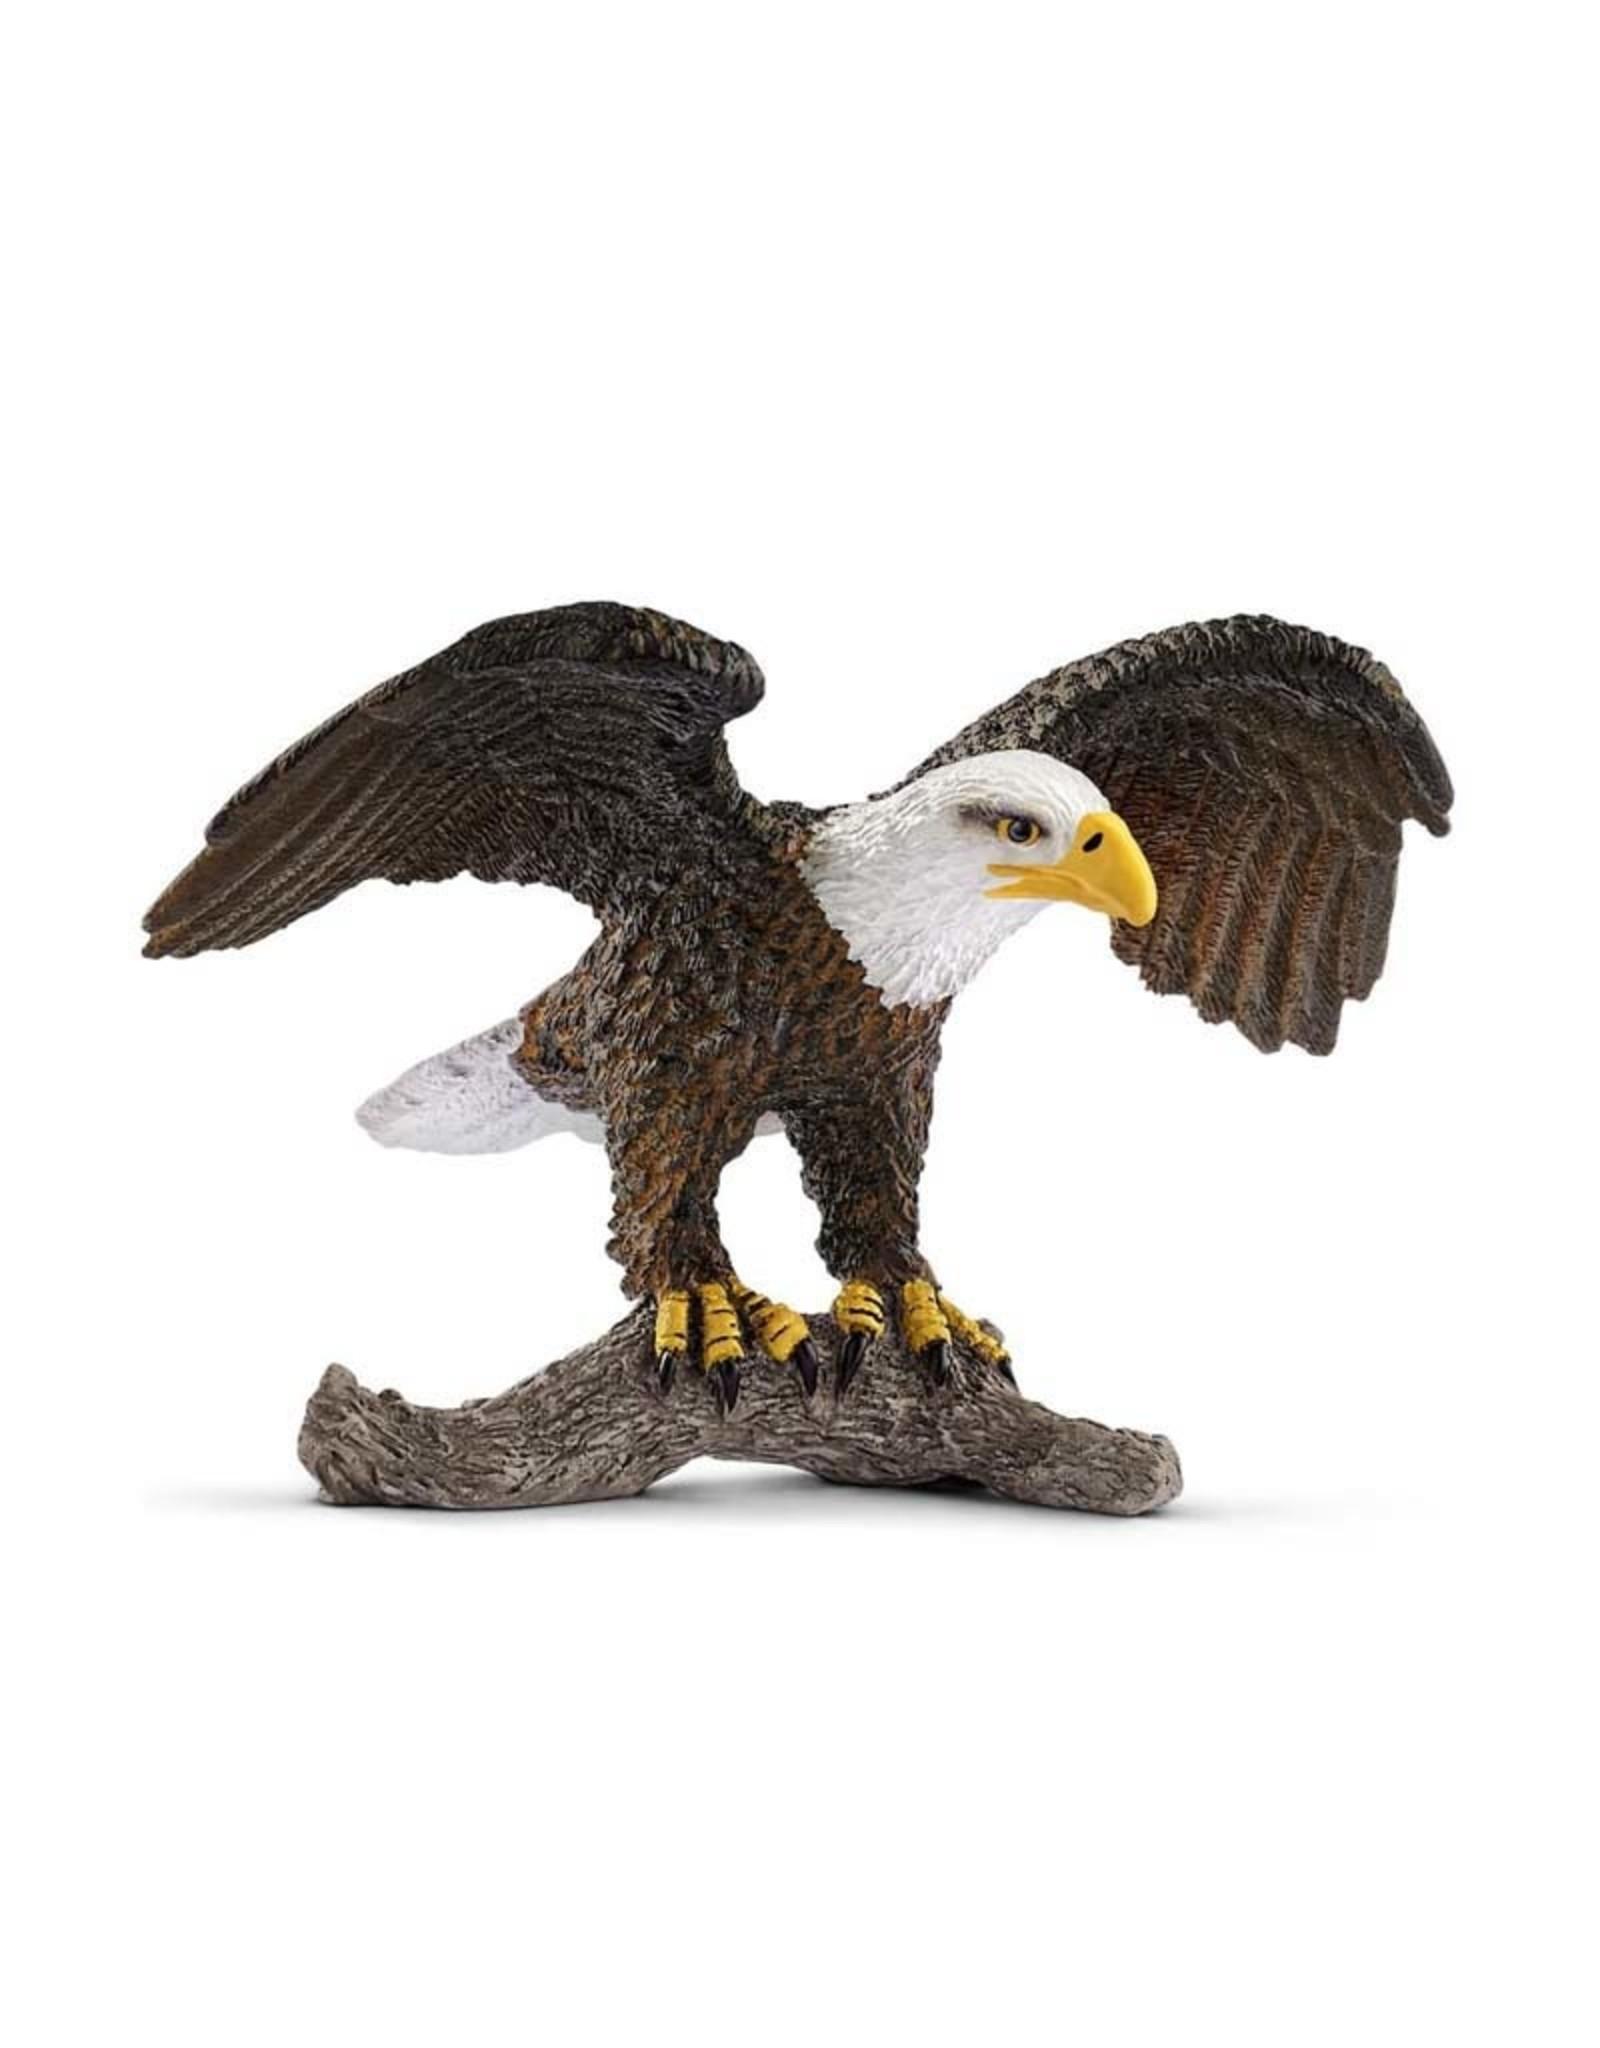 Schleich Schleich Bald Eagle